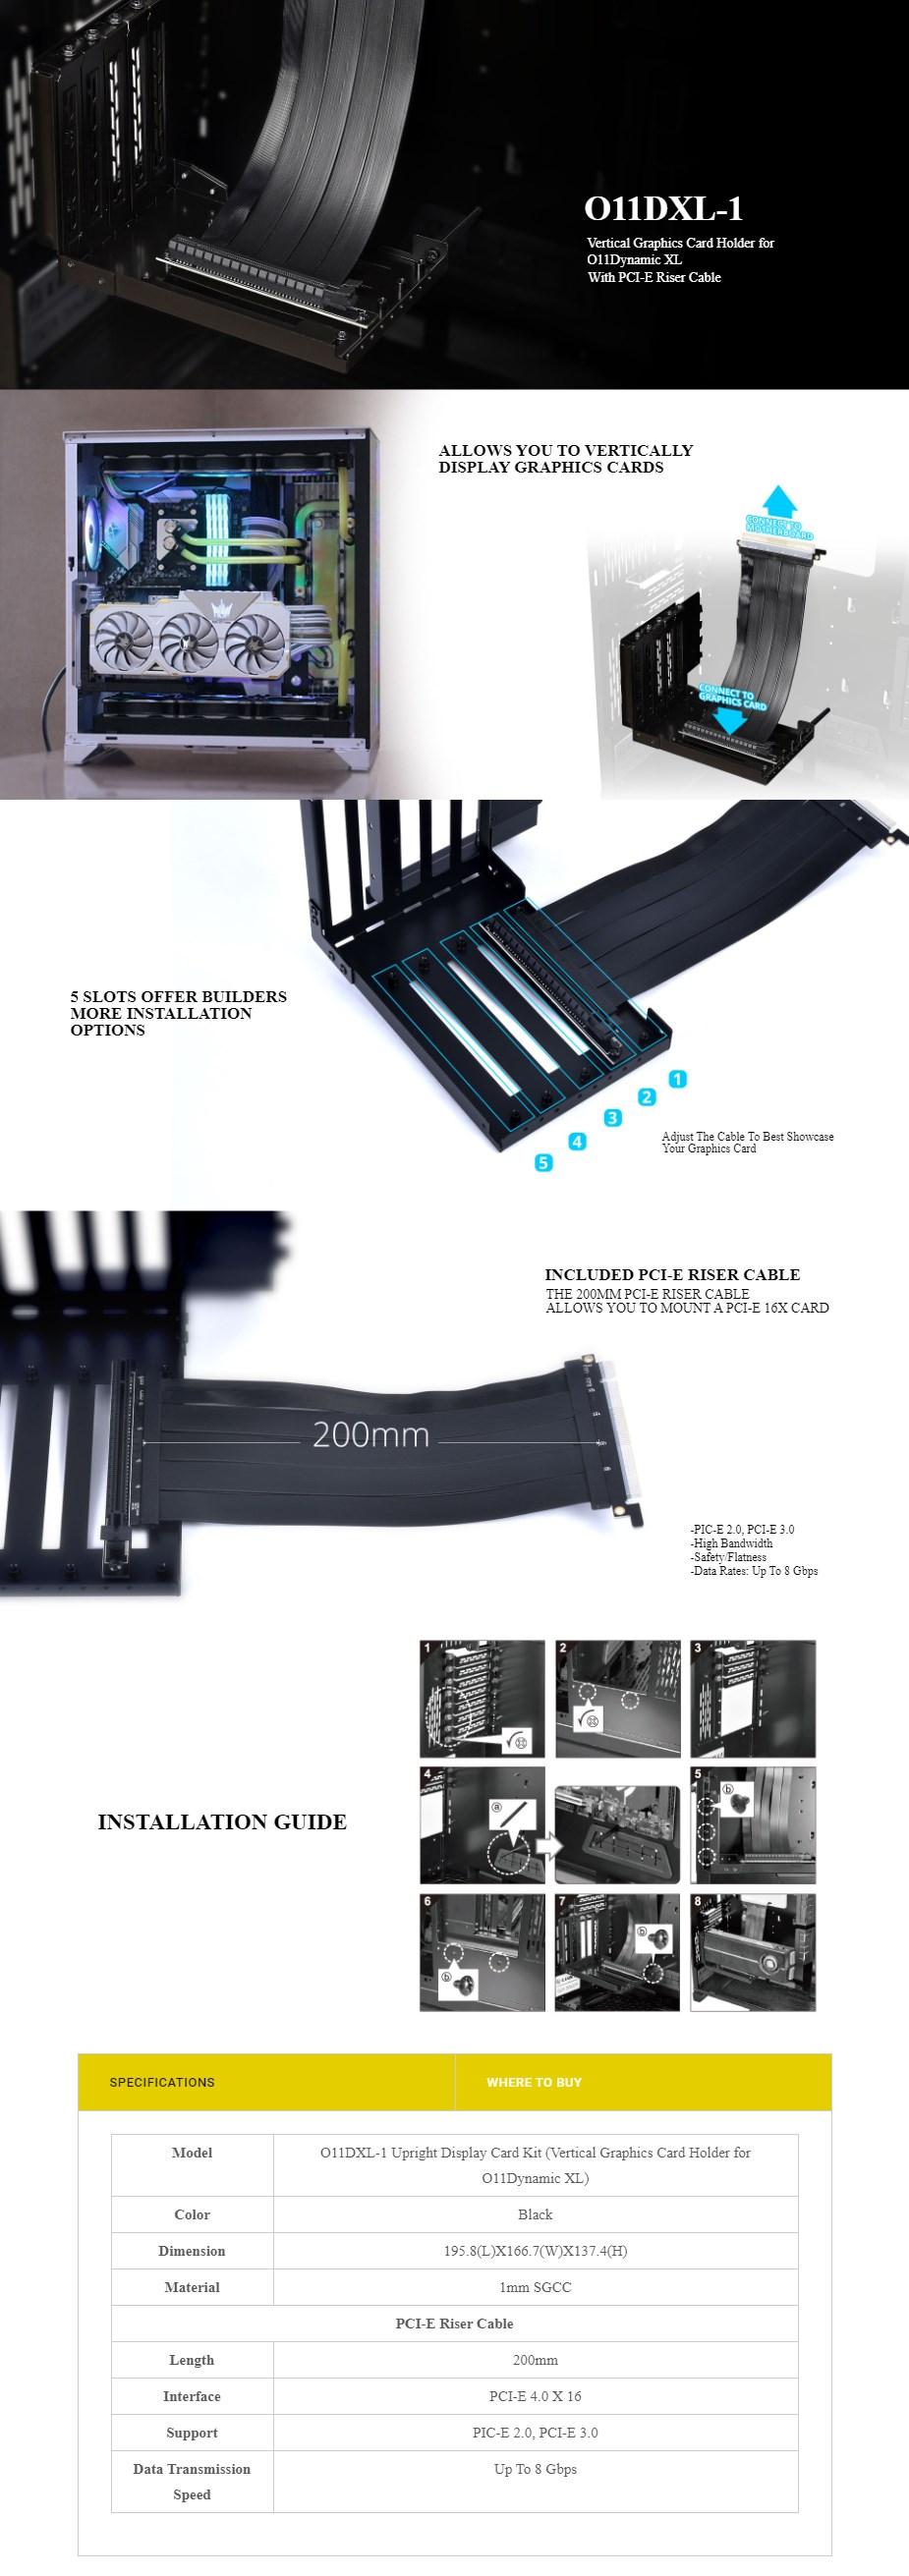 Lian Li O11DXL-1 PCI-E Riser Kit  - Overview 1